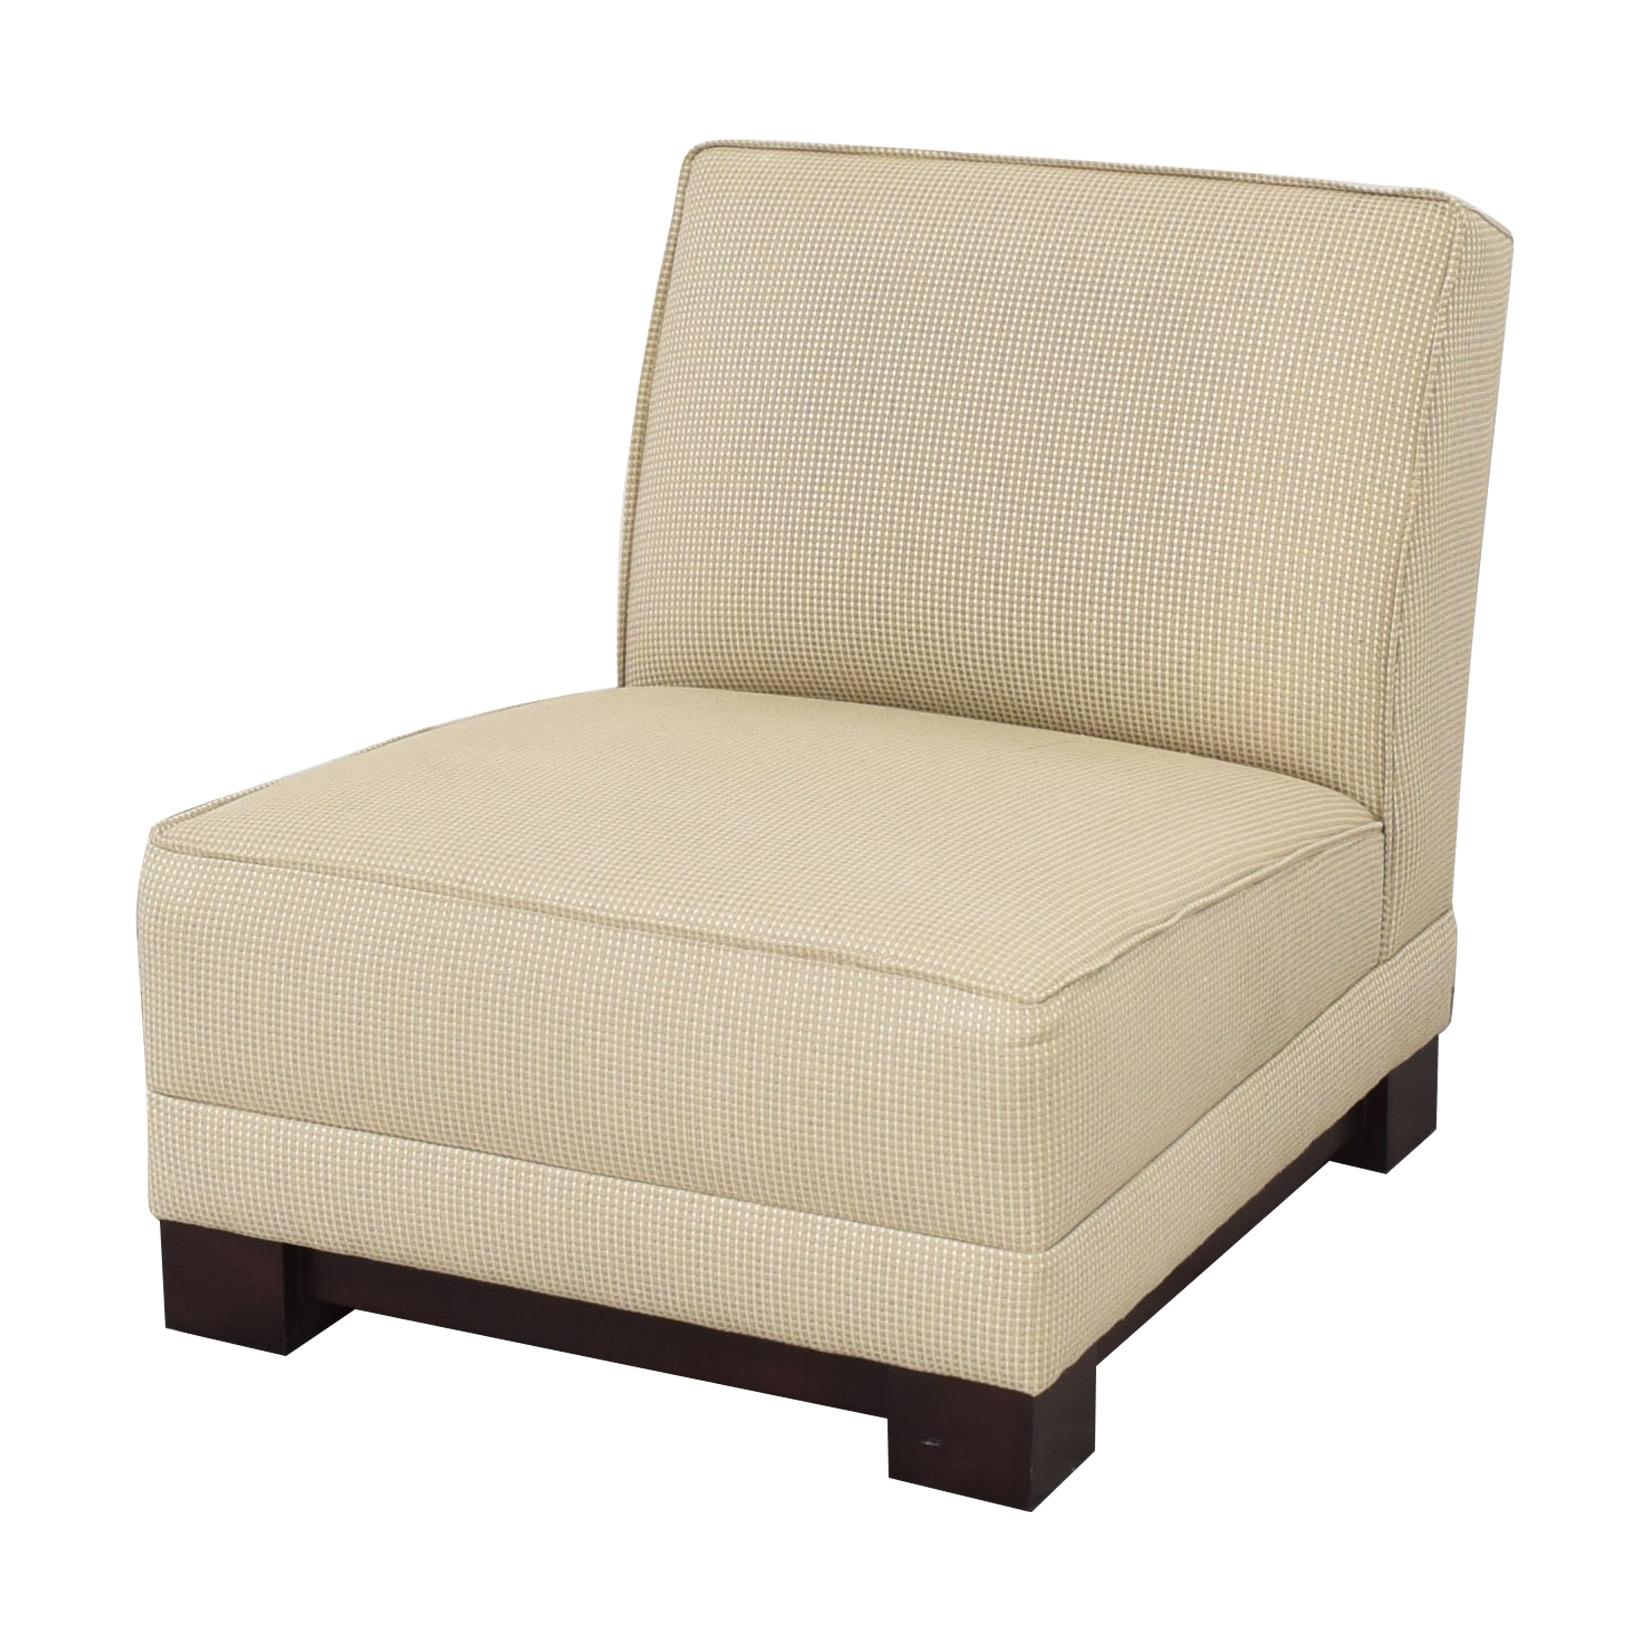 Ralph Lauren Home Ralph Lauren Home Hasley Slipper Chair price